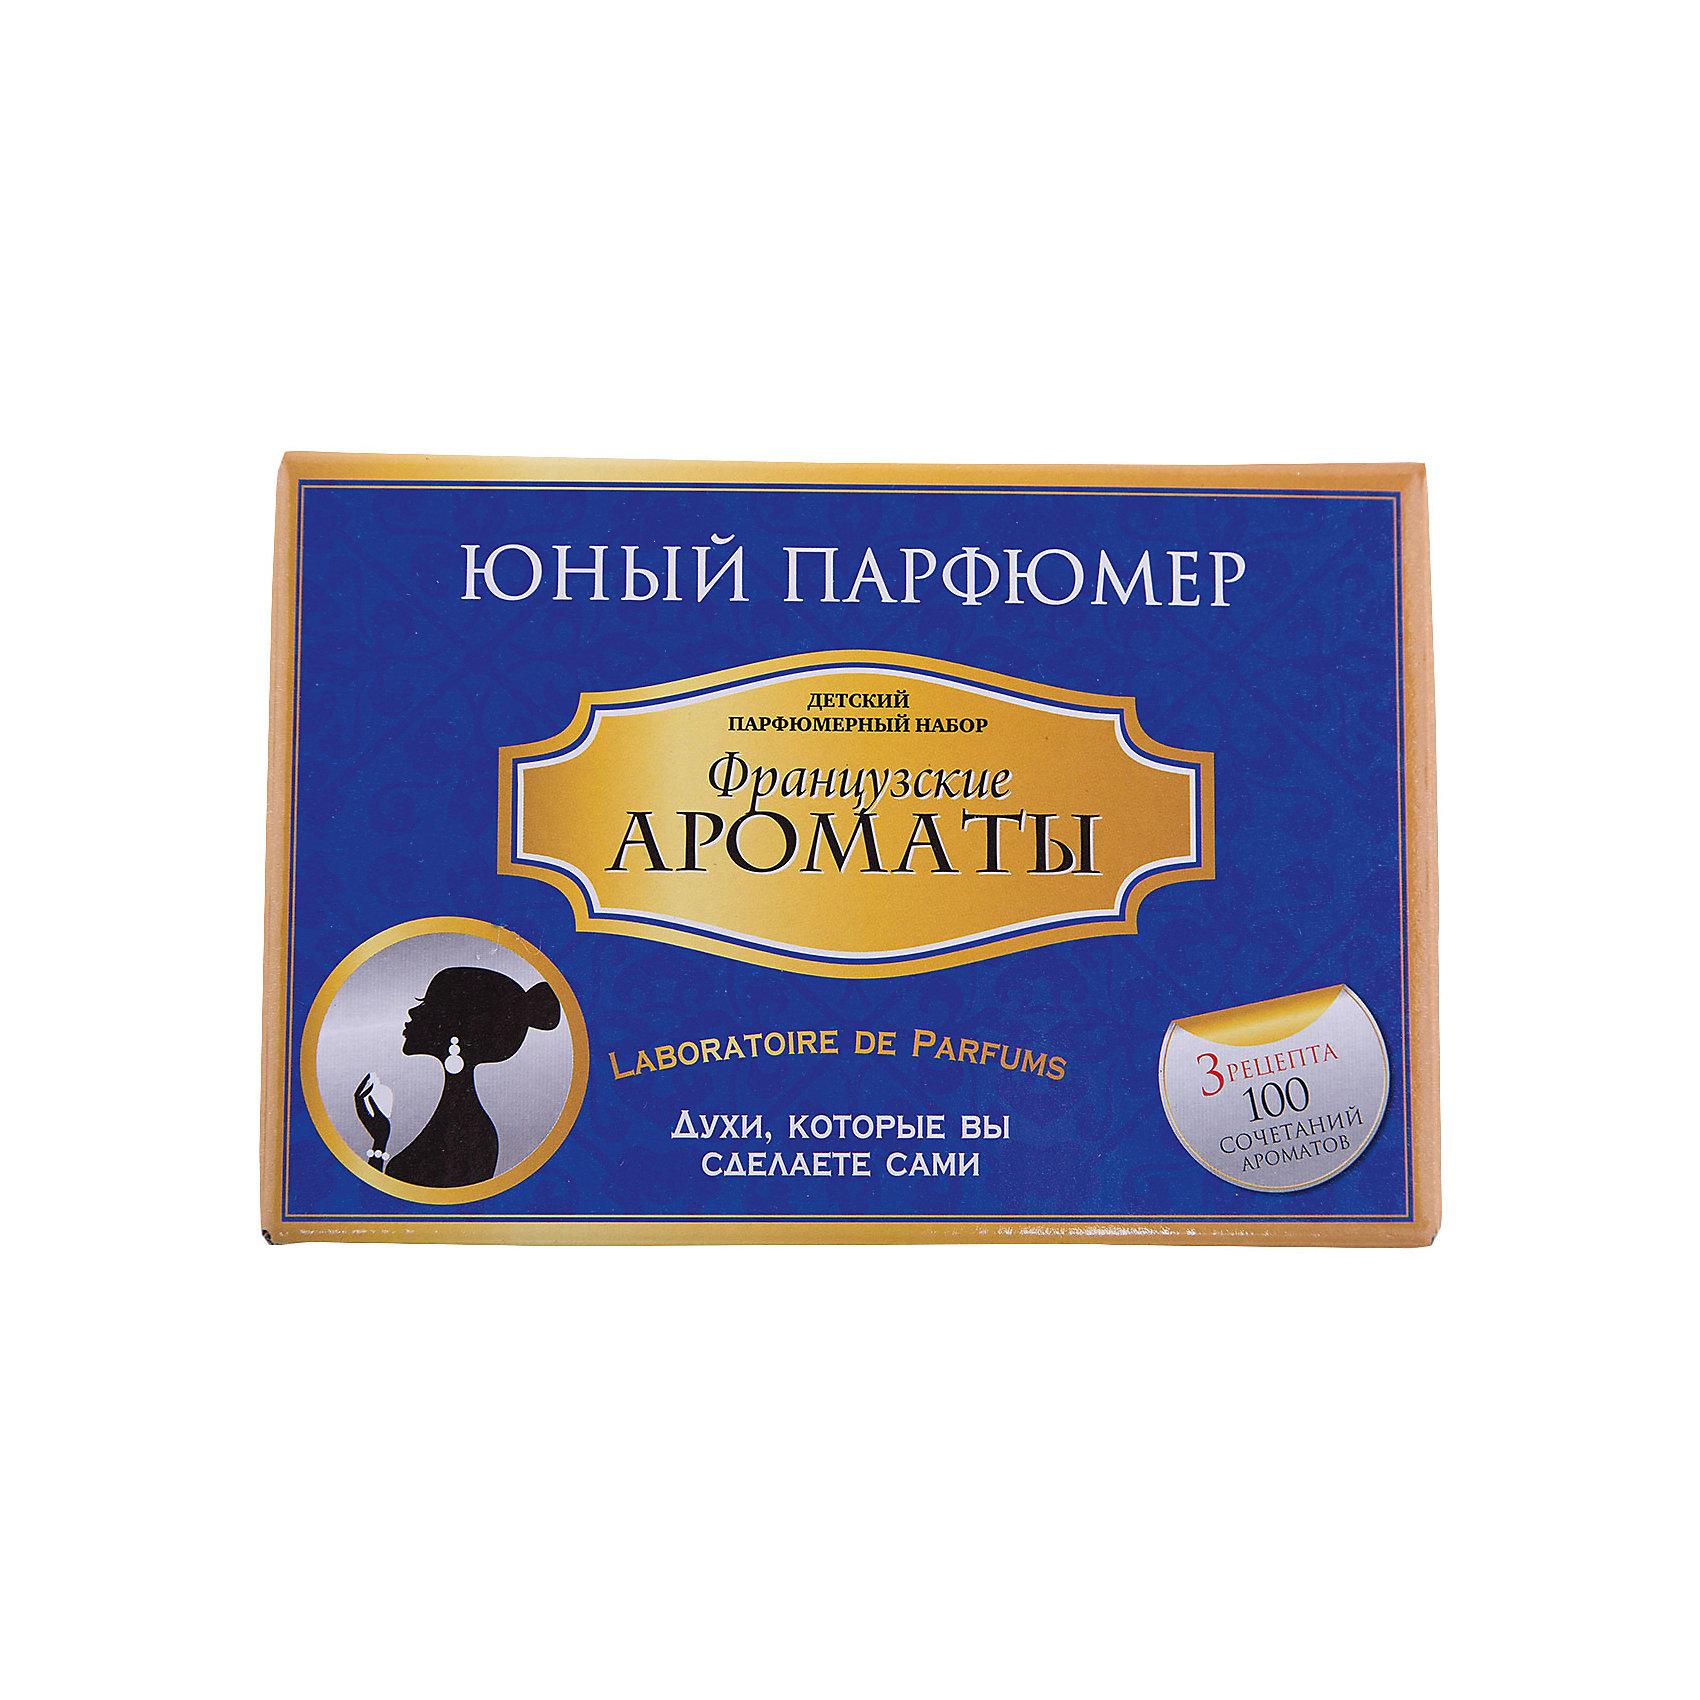 Набор Юный Парфюмер Французские ароматыНаборы для создания парфюмерии<br>Характеристики:<br><br>• размер: 20x13x12см.;<br>• в набор входит: 7 видов парфюмерного масла, полисорбат, пробирки стеклянные, фиолки пустые, флакон-роллер, полоски - тестер, пипетки Пастера;<br>• состав: парфюмерное масло, стекло;<br>• вес: 280 г.;<br>• для детей в возрасте: от 8 лет;<br>• страна производитель: Россия.<br><br>Этот необычный набор от производителя Master IQ2 (Мастер АйКью2) поможет ребенку открыть для себя новый вид искусства - парфюмерию. Вместе с этим набором можно научиться создавать собственные запахи, различать их между собой и даже обрести свой собственный неповторимый образ. С помощью семи парфюмерных масел можно создавать неповторимые комбинации.<br><br>Благодаря парфюмерному набору ребёнок научится правильно подбирать духи, узнает некоторые особенности ароматической композиции и познакомится с историей возникновения парфюмерии. Именно этот набор познакомит более подробно с такими элегантными французскими ароматами, в состав которых вошли: нероли, бергамот, ваниль, пачули, миндаль, роза и сандал.<br><br>Набор Юный Парфюмер Французские ароматы можно купить в нашем интернет-магазине.<br><br>Ширина мм: 182<br>Глубина мм: 102<br>Высота мм: 120<br>Вес г: 285<br>Возраст от месяцев: 96<br>Возраст до месяцев: 180<br>Пол: Женский<br>Возраст: Детский<br>SKU: 5083868